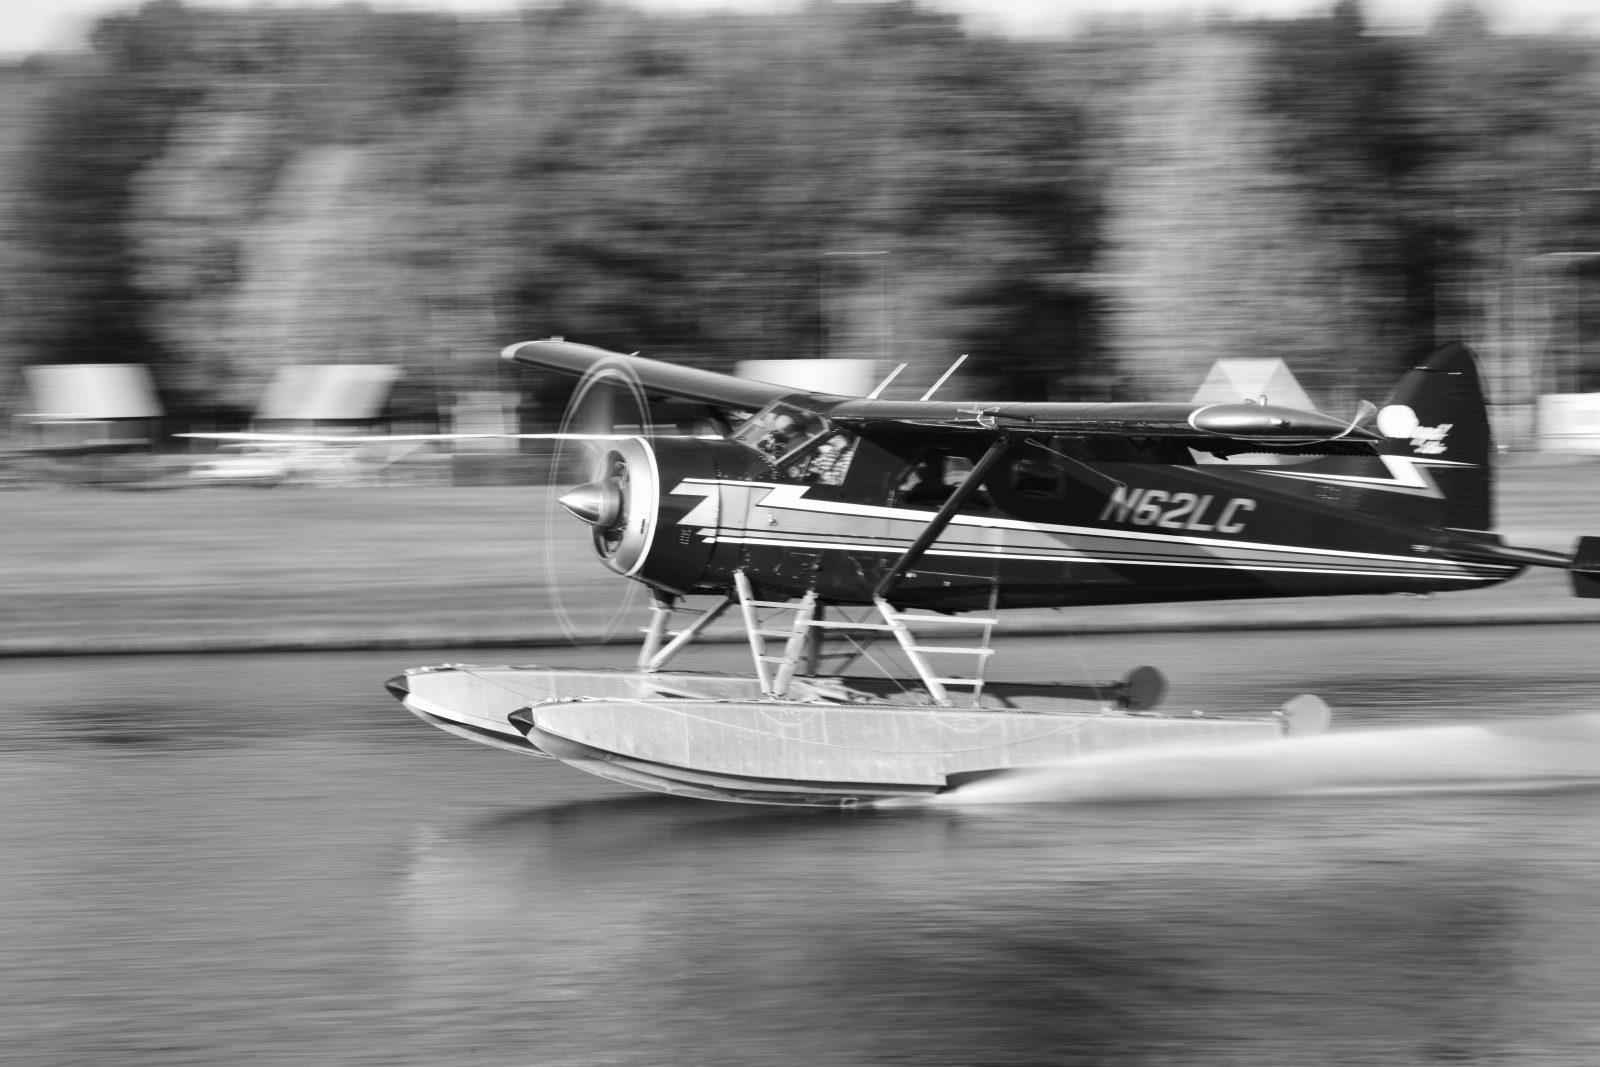 Lake Hood landing